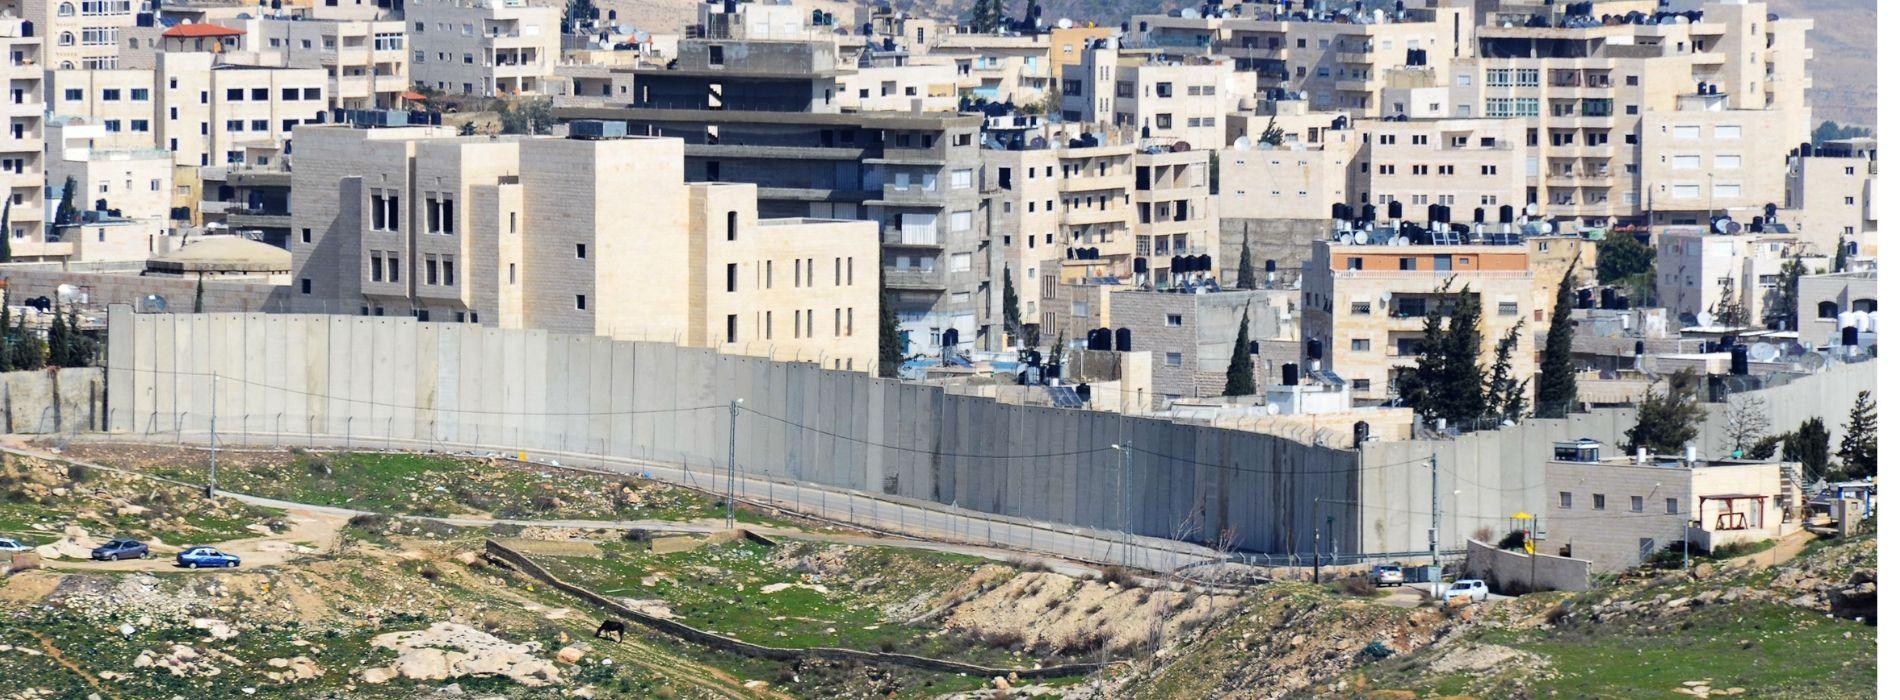 Israel West Bank Barrier